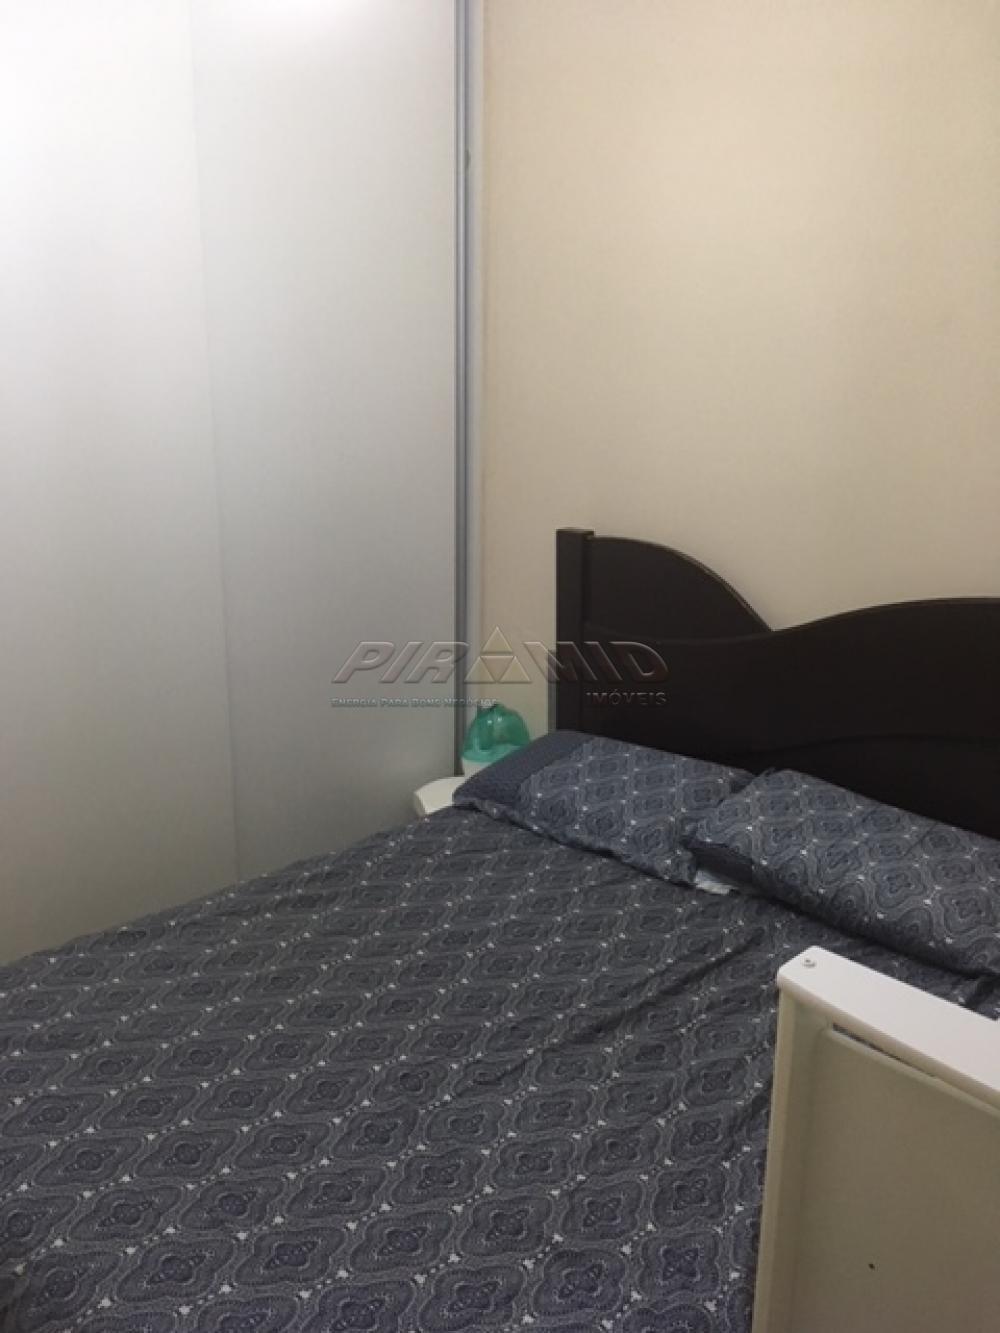 Comprar Apartamento / Padrão em Ribeirão Preto apenas R$ 106.000,00 - Foto 9